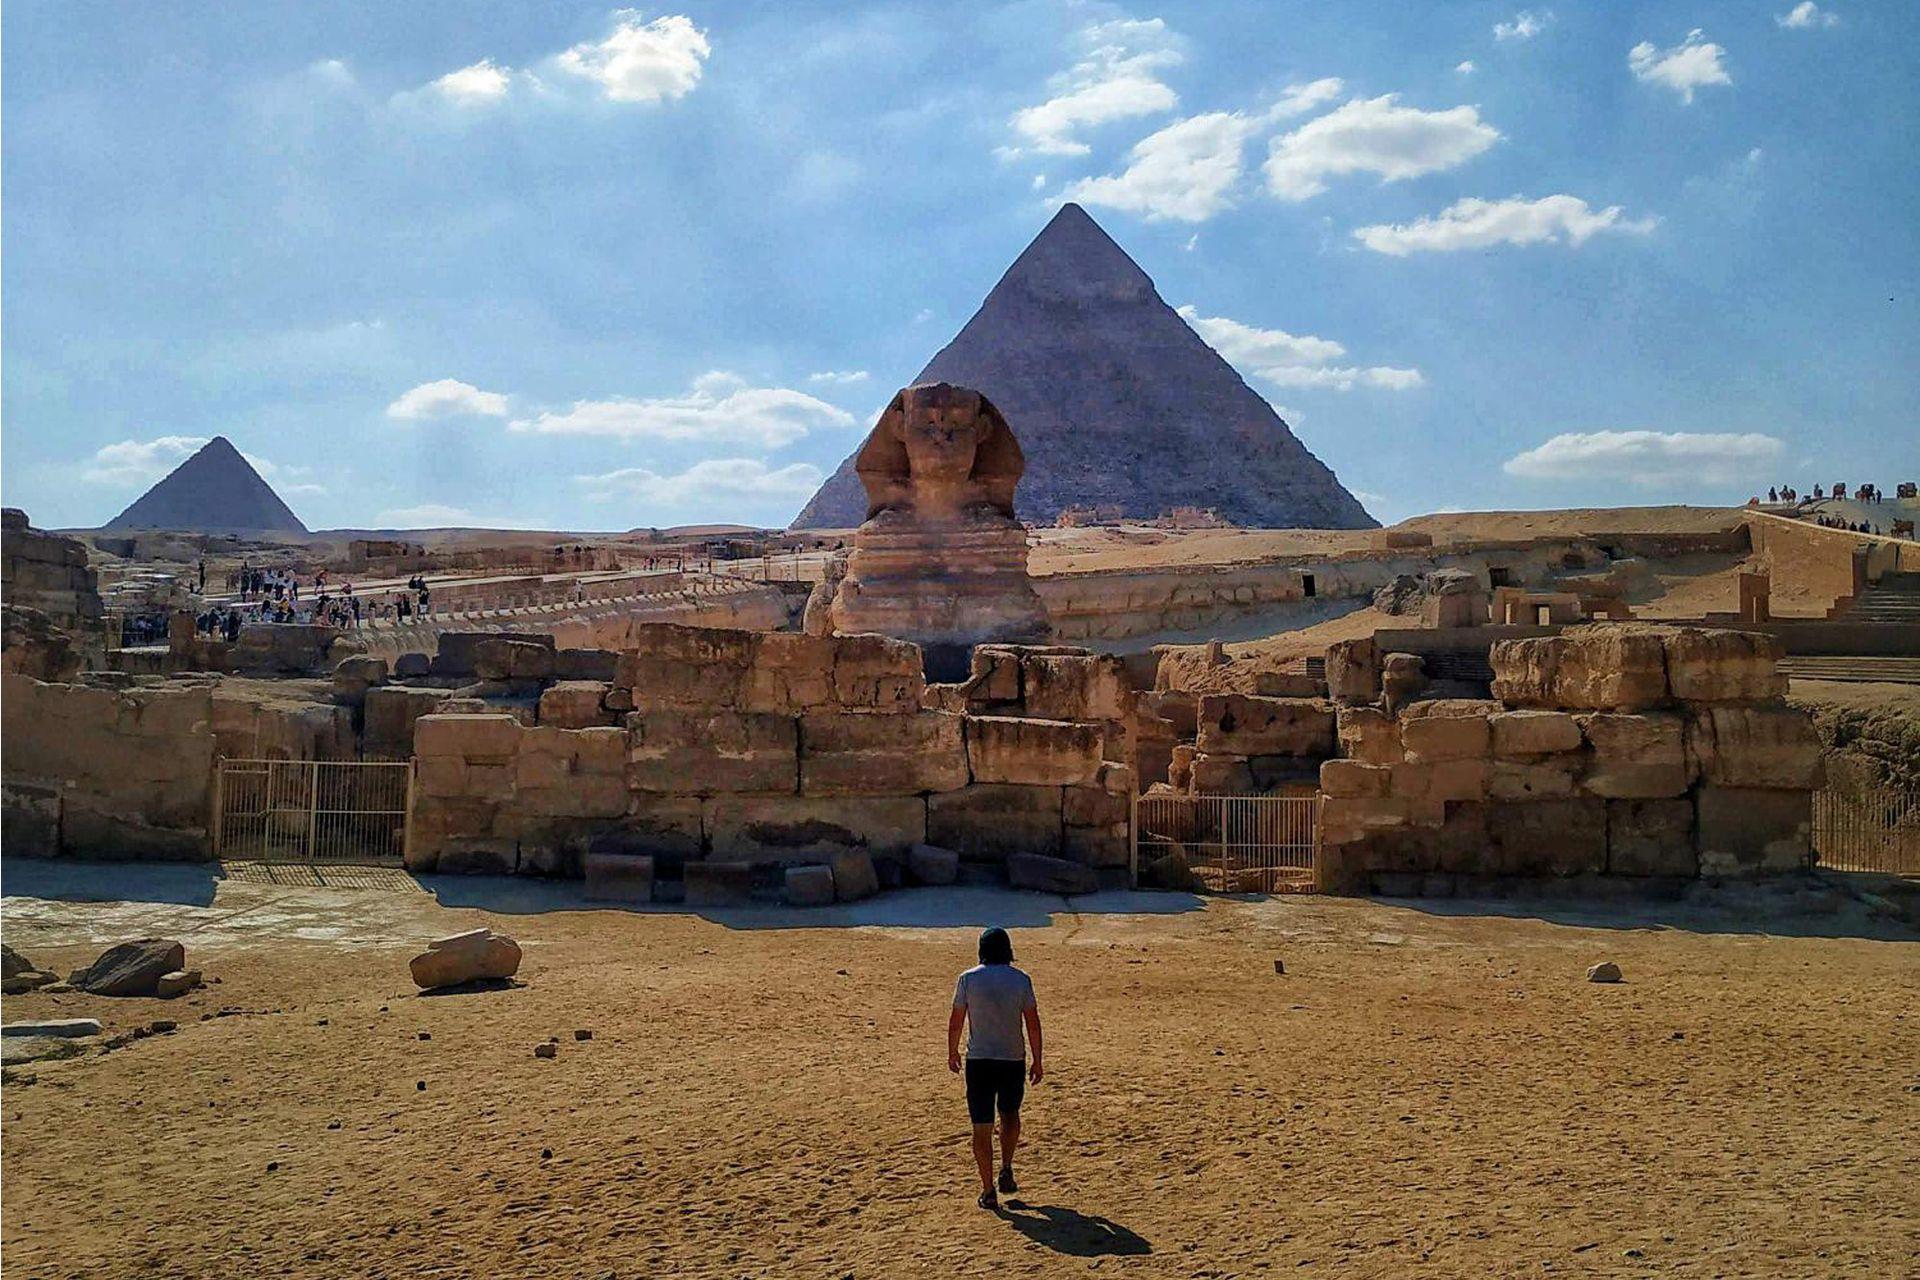 """""""Egipto fue el país más difícil de atravesar hasta el momento. Intenso, asfixiante, desgastante... pero tan imponente como sus pirámides""""."""